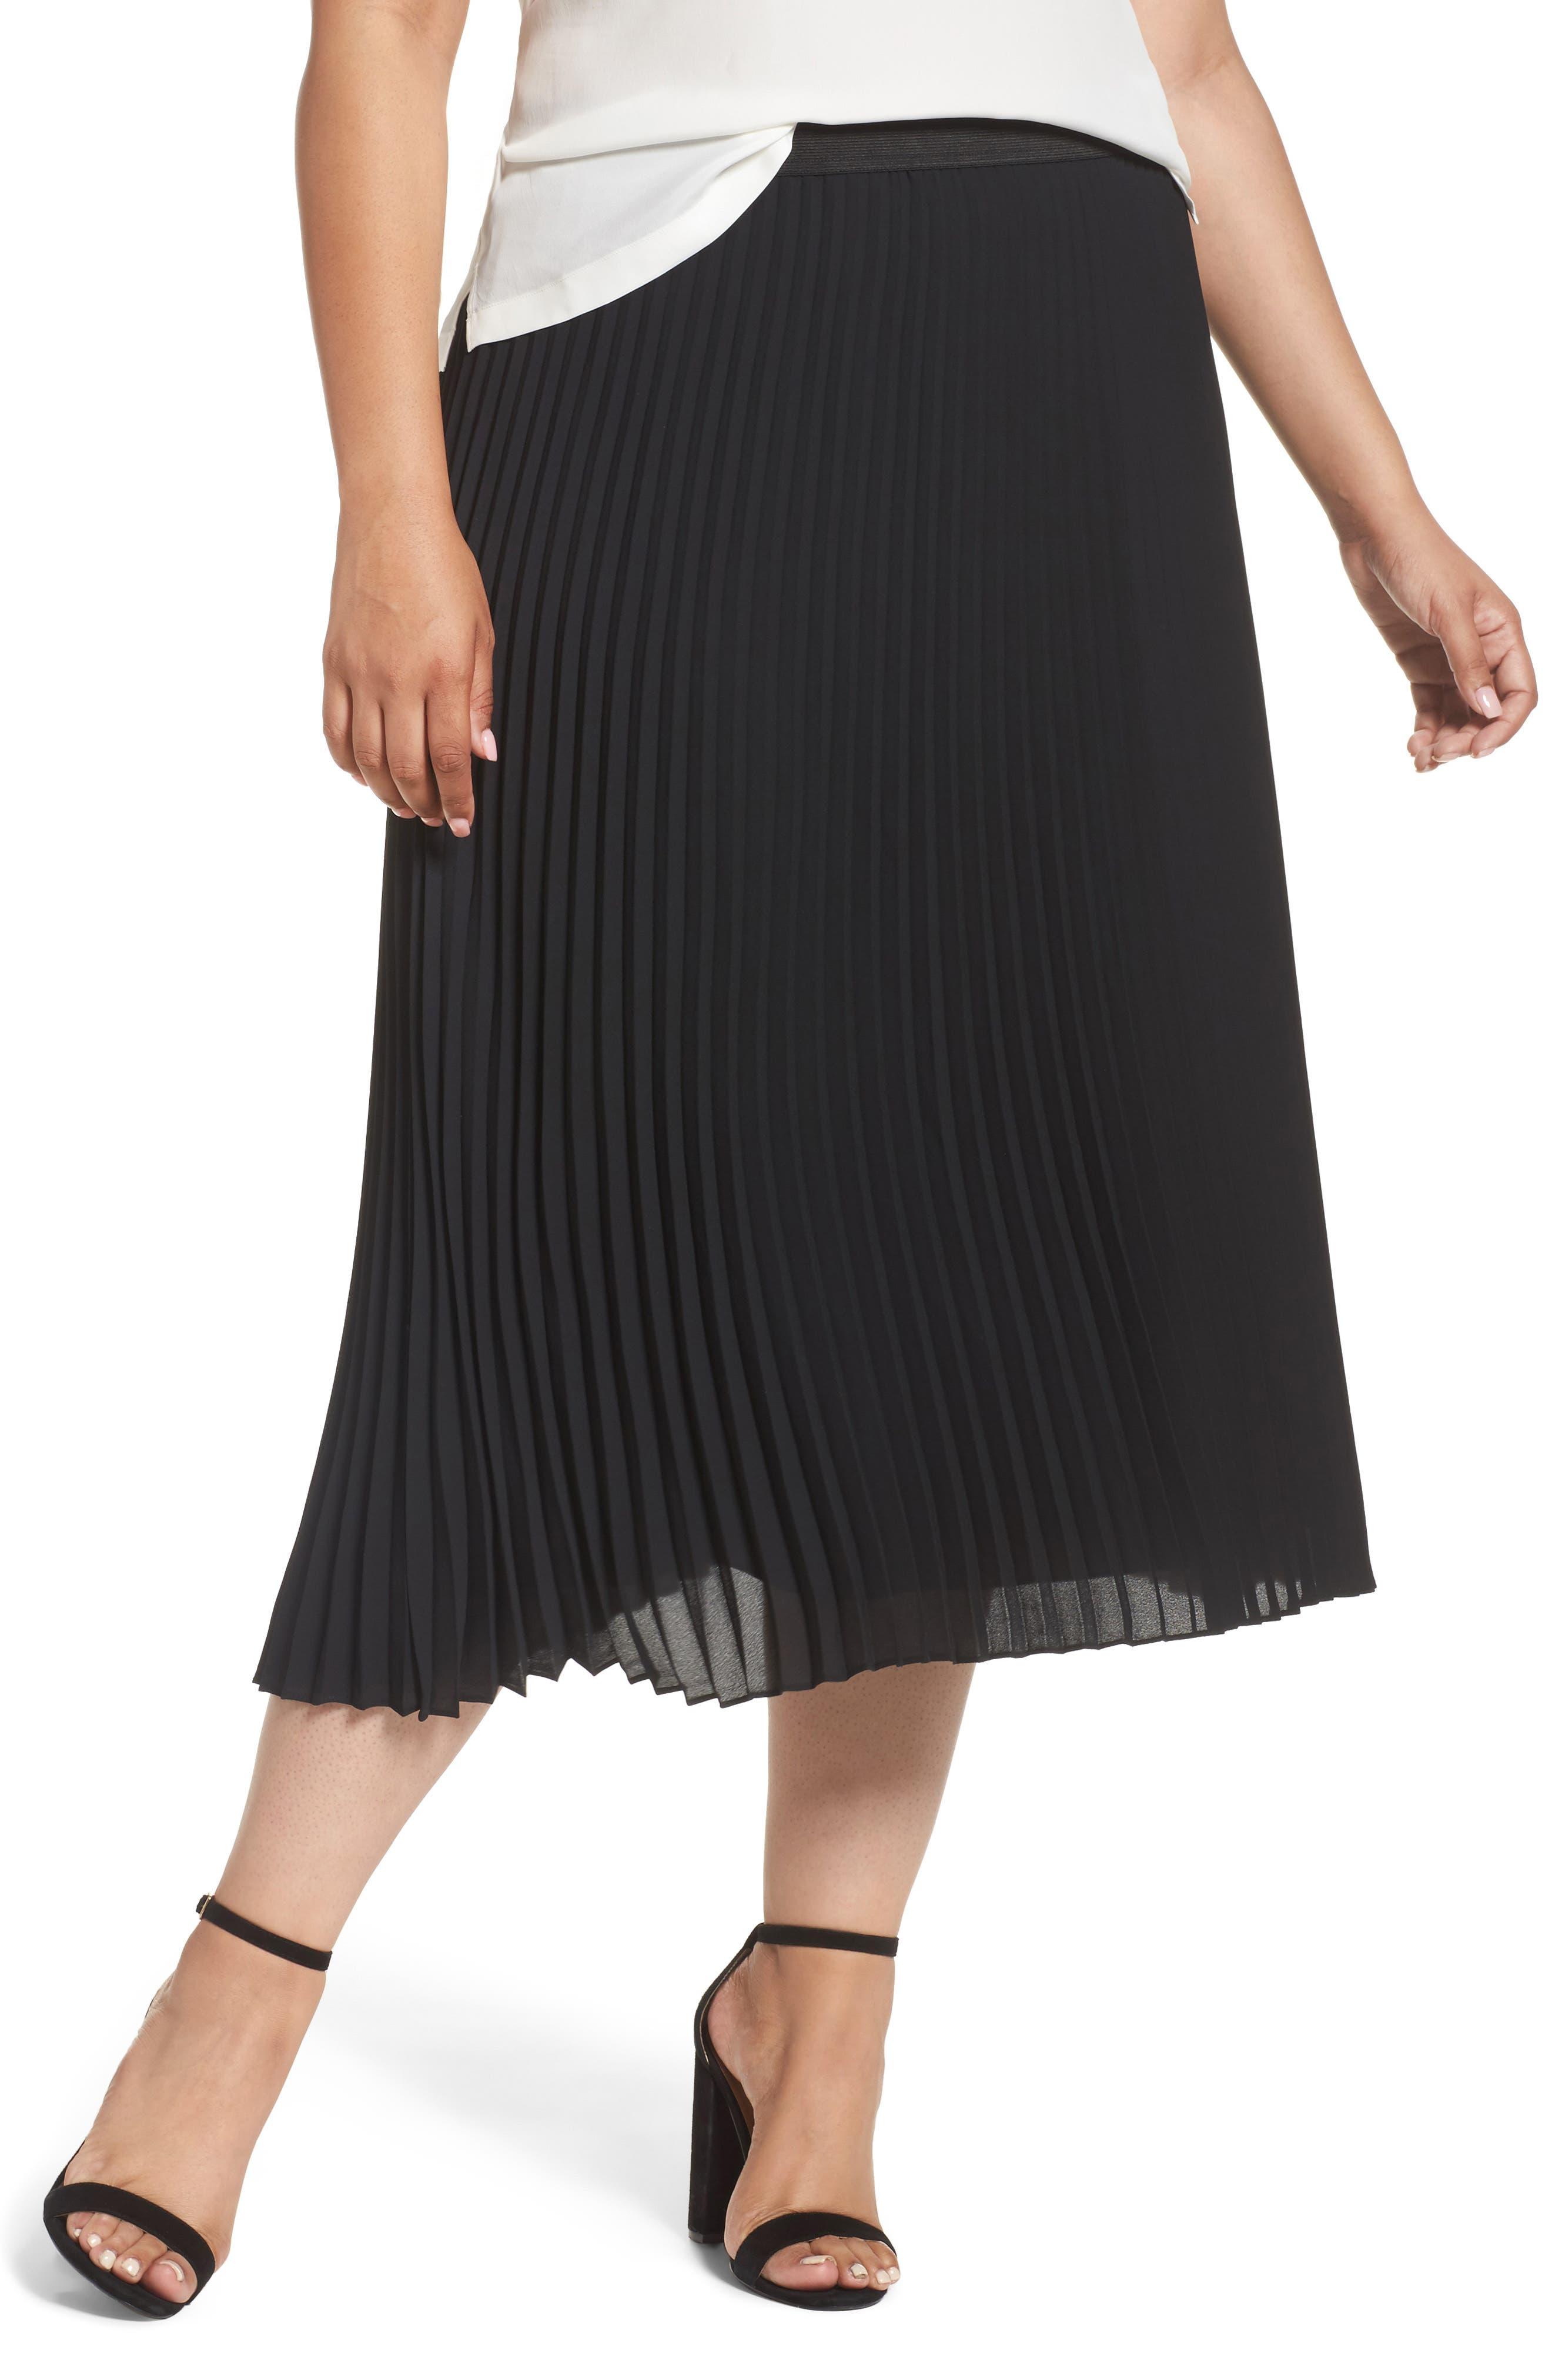 Alternate Image 1 Selected - Sejour Pleated Midi Skirt (Plus Size)